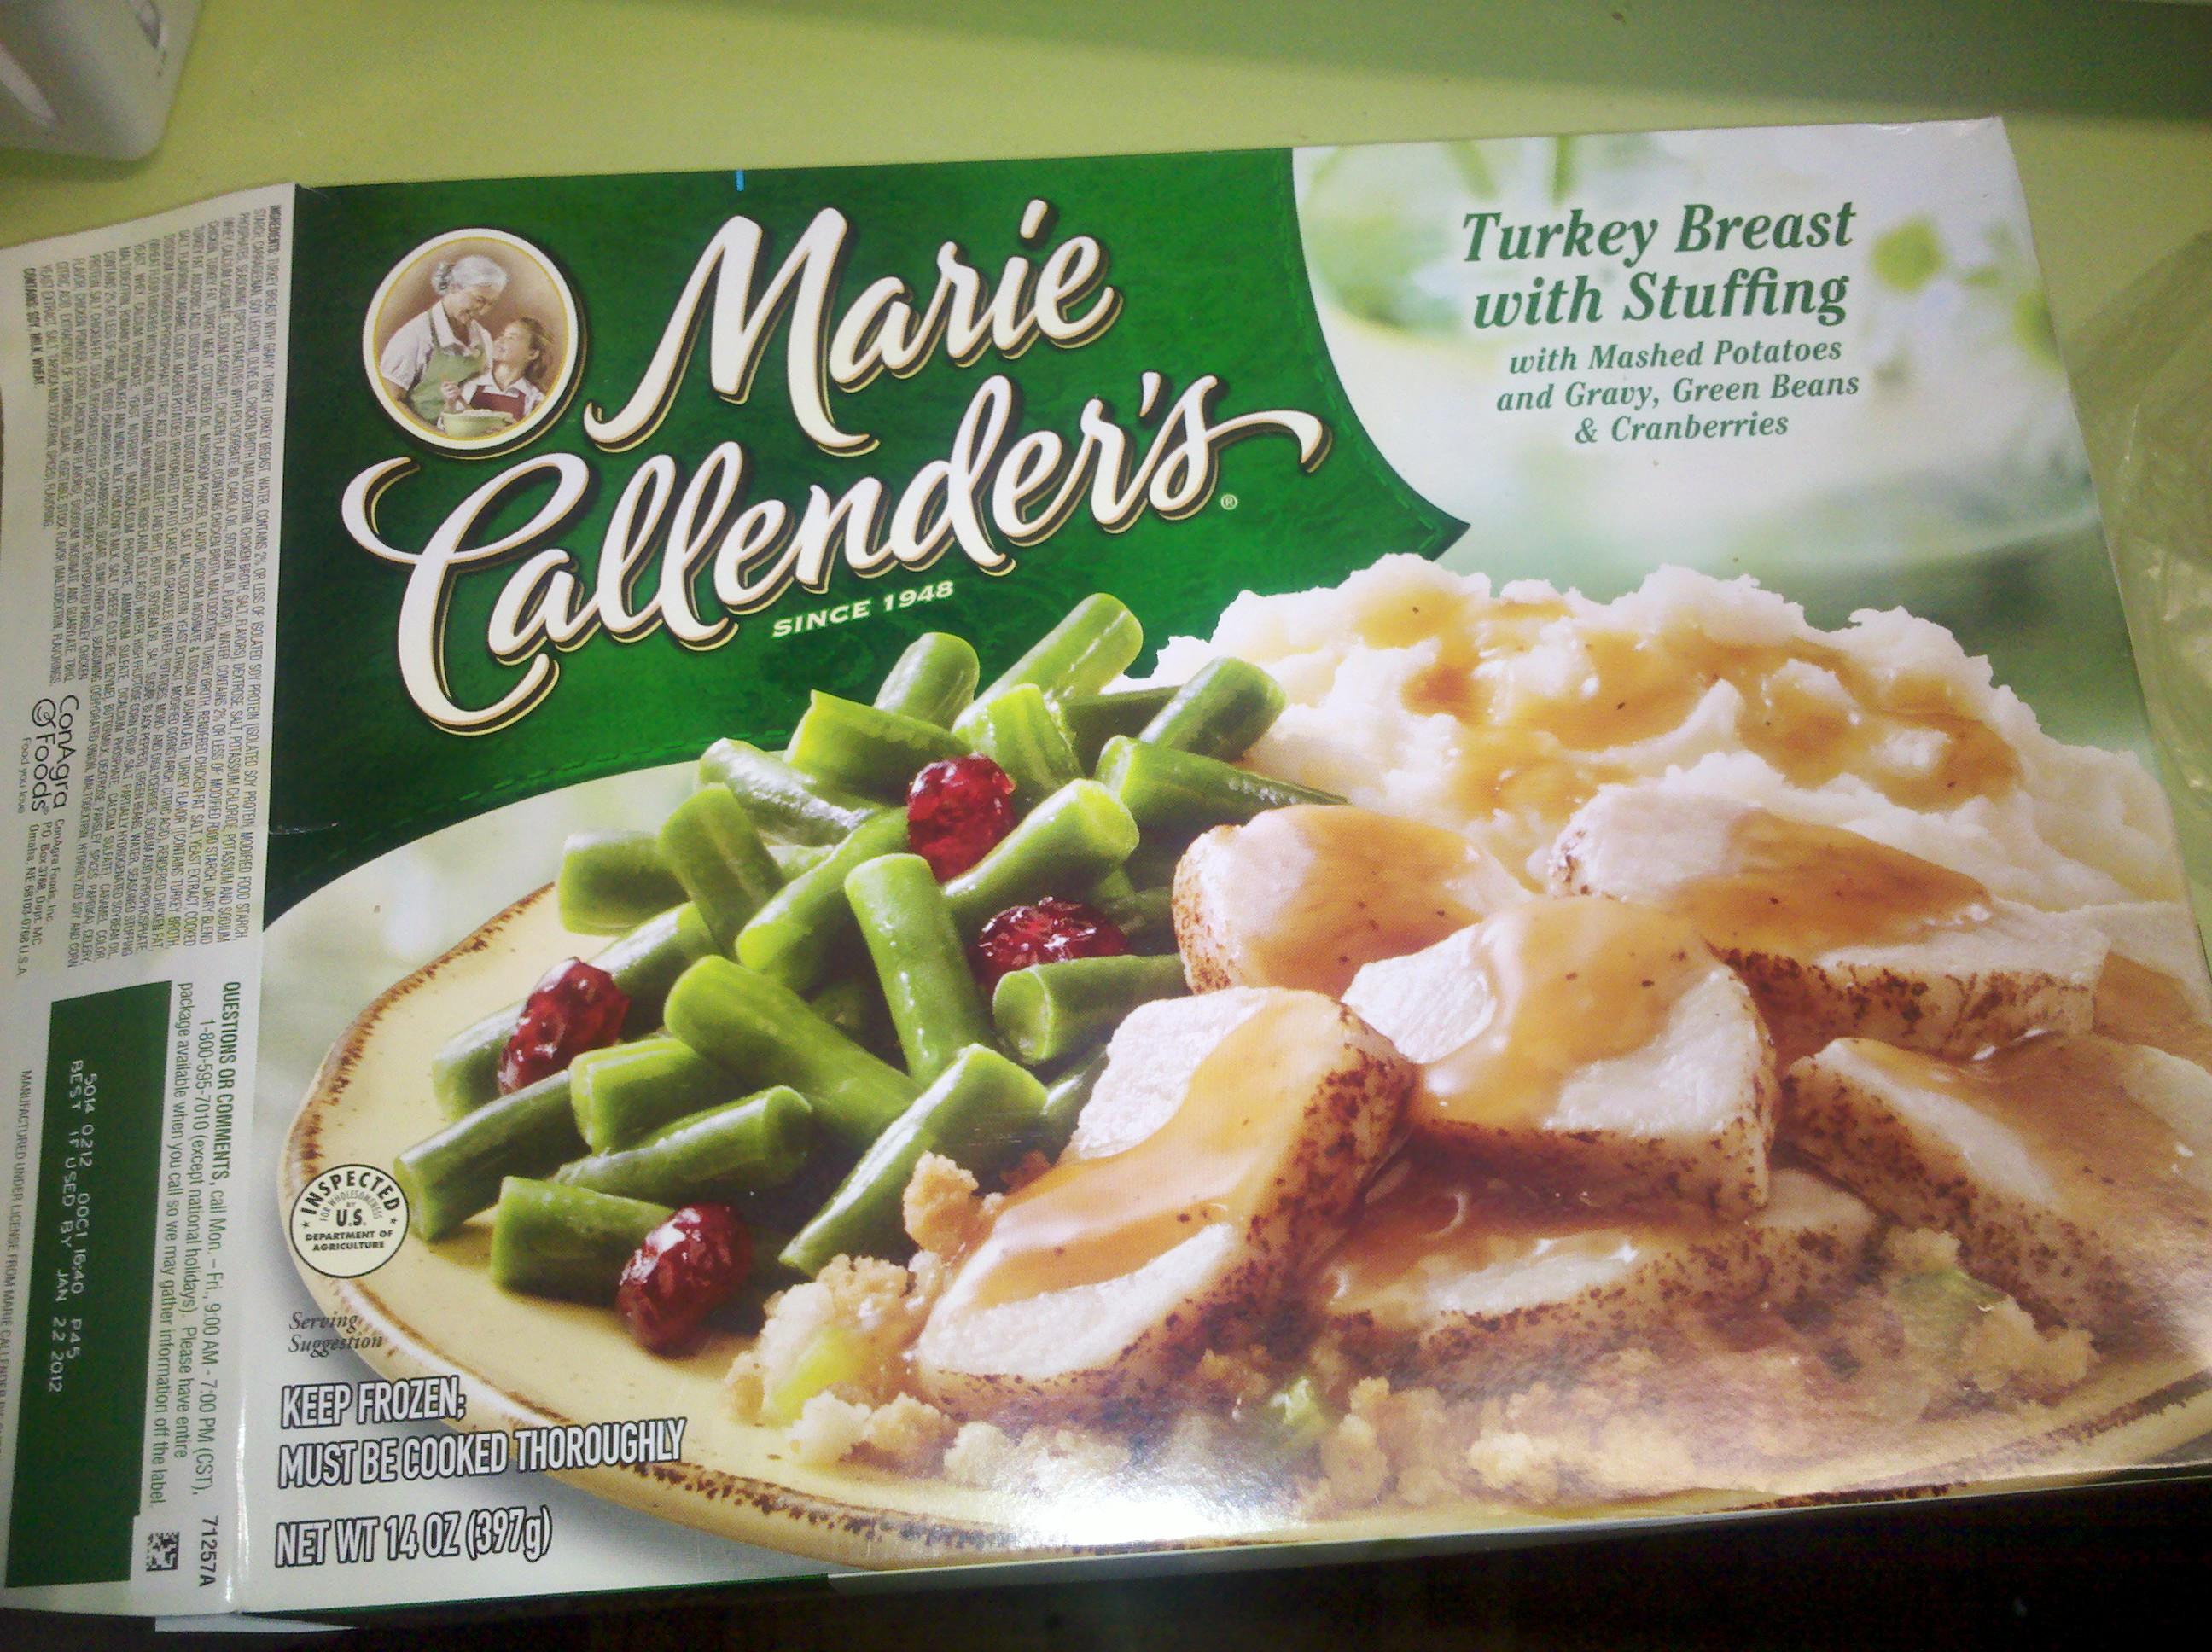 Marie Calendars Thanksgiving Dinner  e last weekend of debauchery